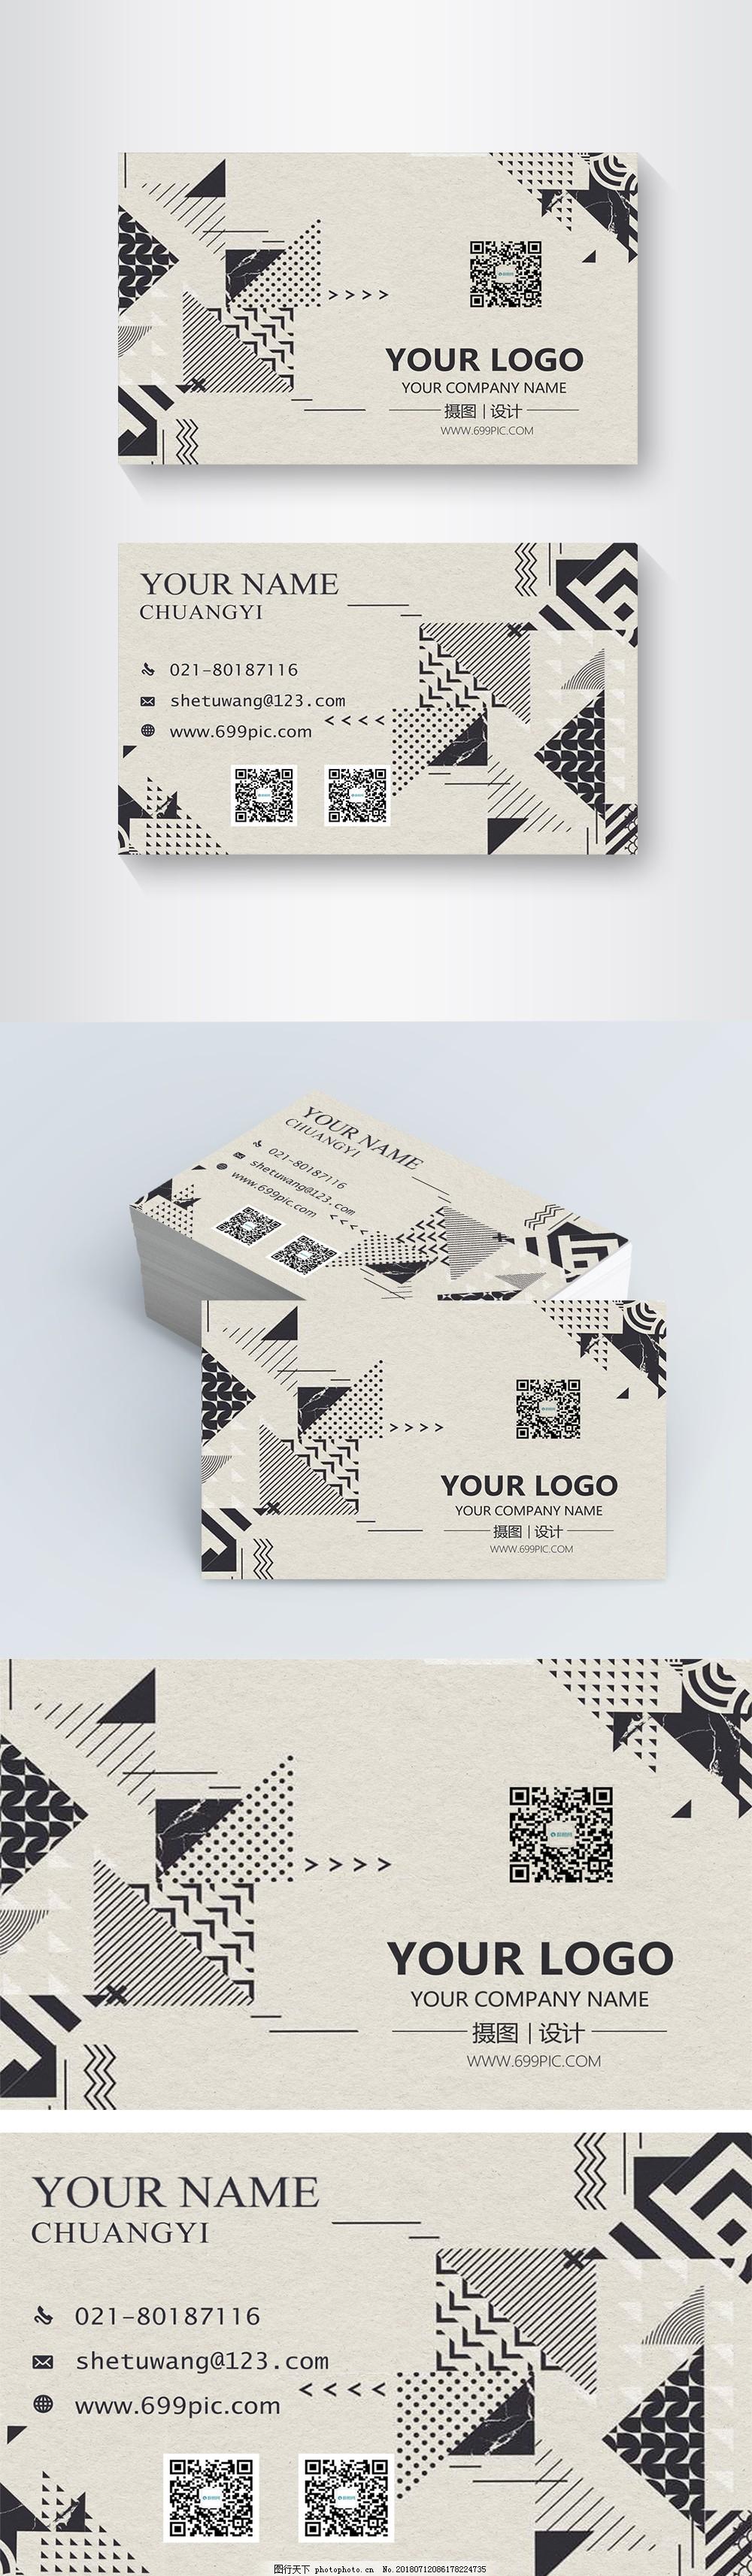 简约渐变图形清新名片设计,商务,个人名片,企业名片,通用名片,商务名片,简洁名片